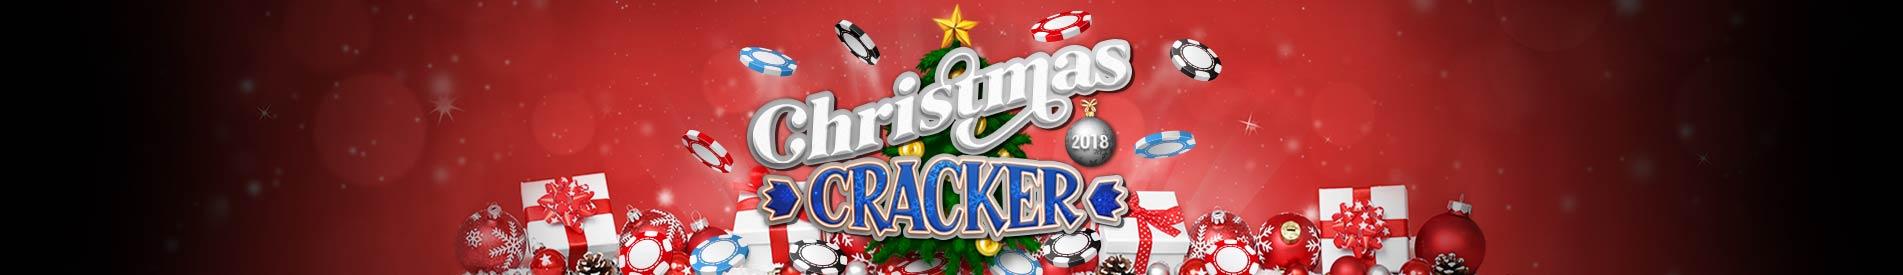 GGPoker Christmas Cracker Online Poker Promotion